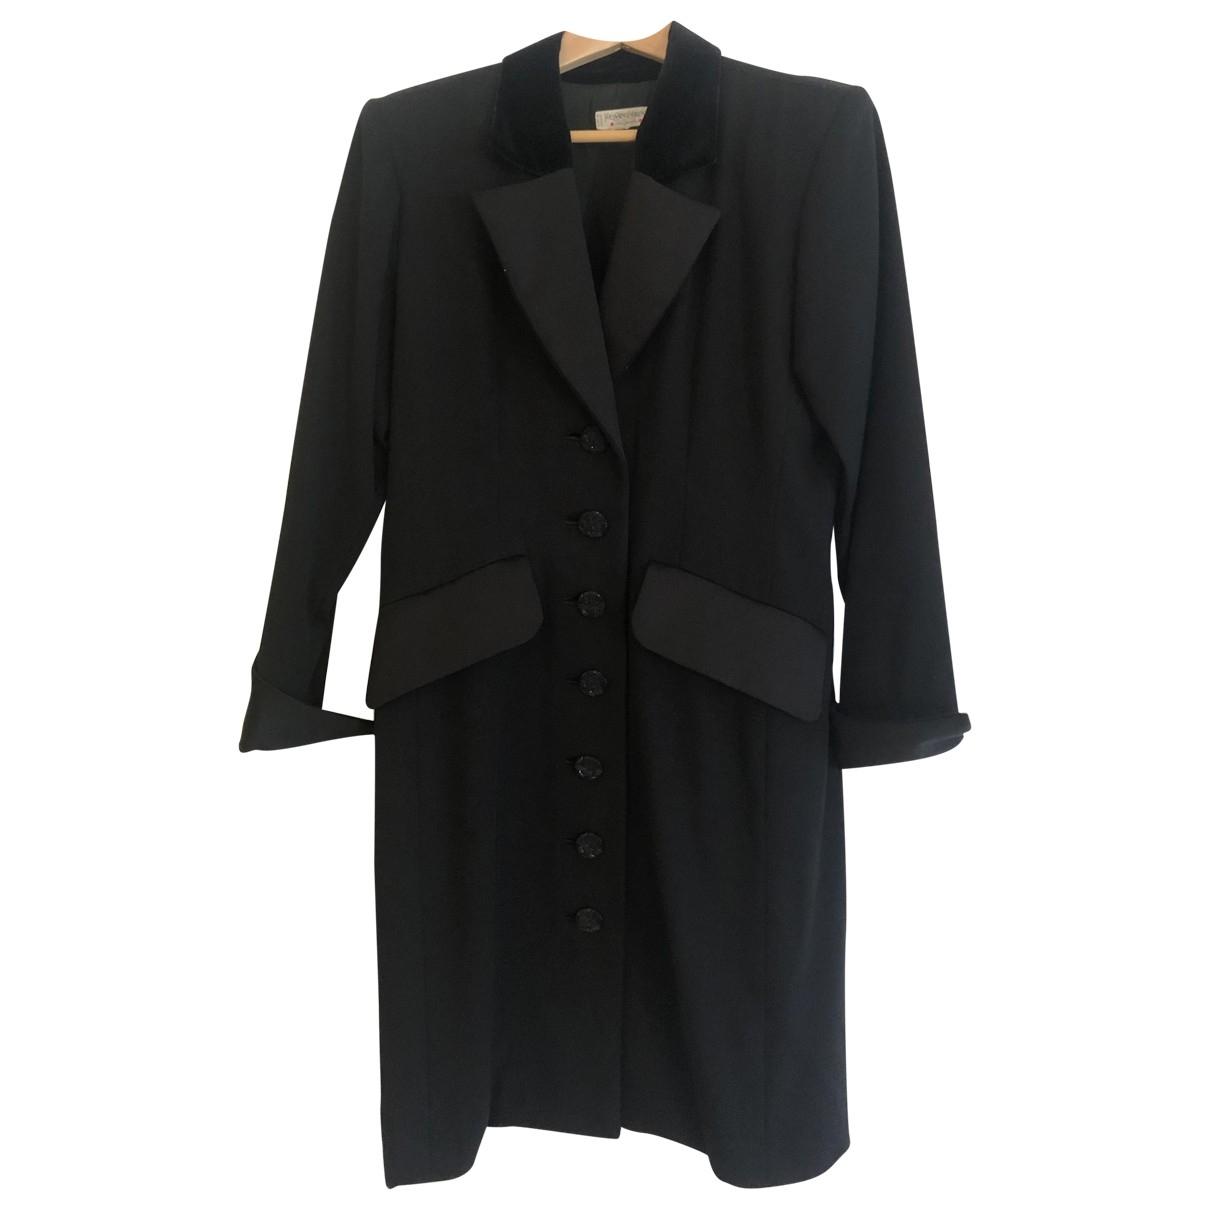 Yves Saint Laurent \N Black Wool coat for Women 40 FR